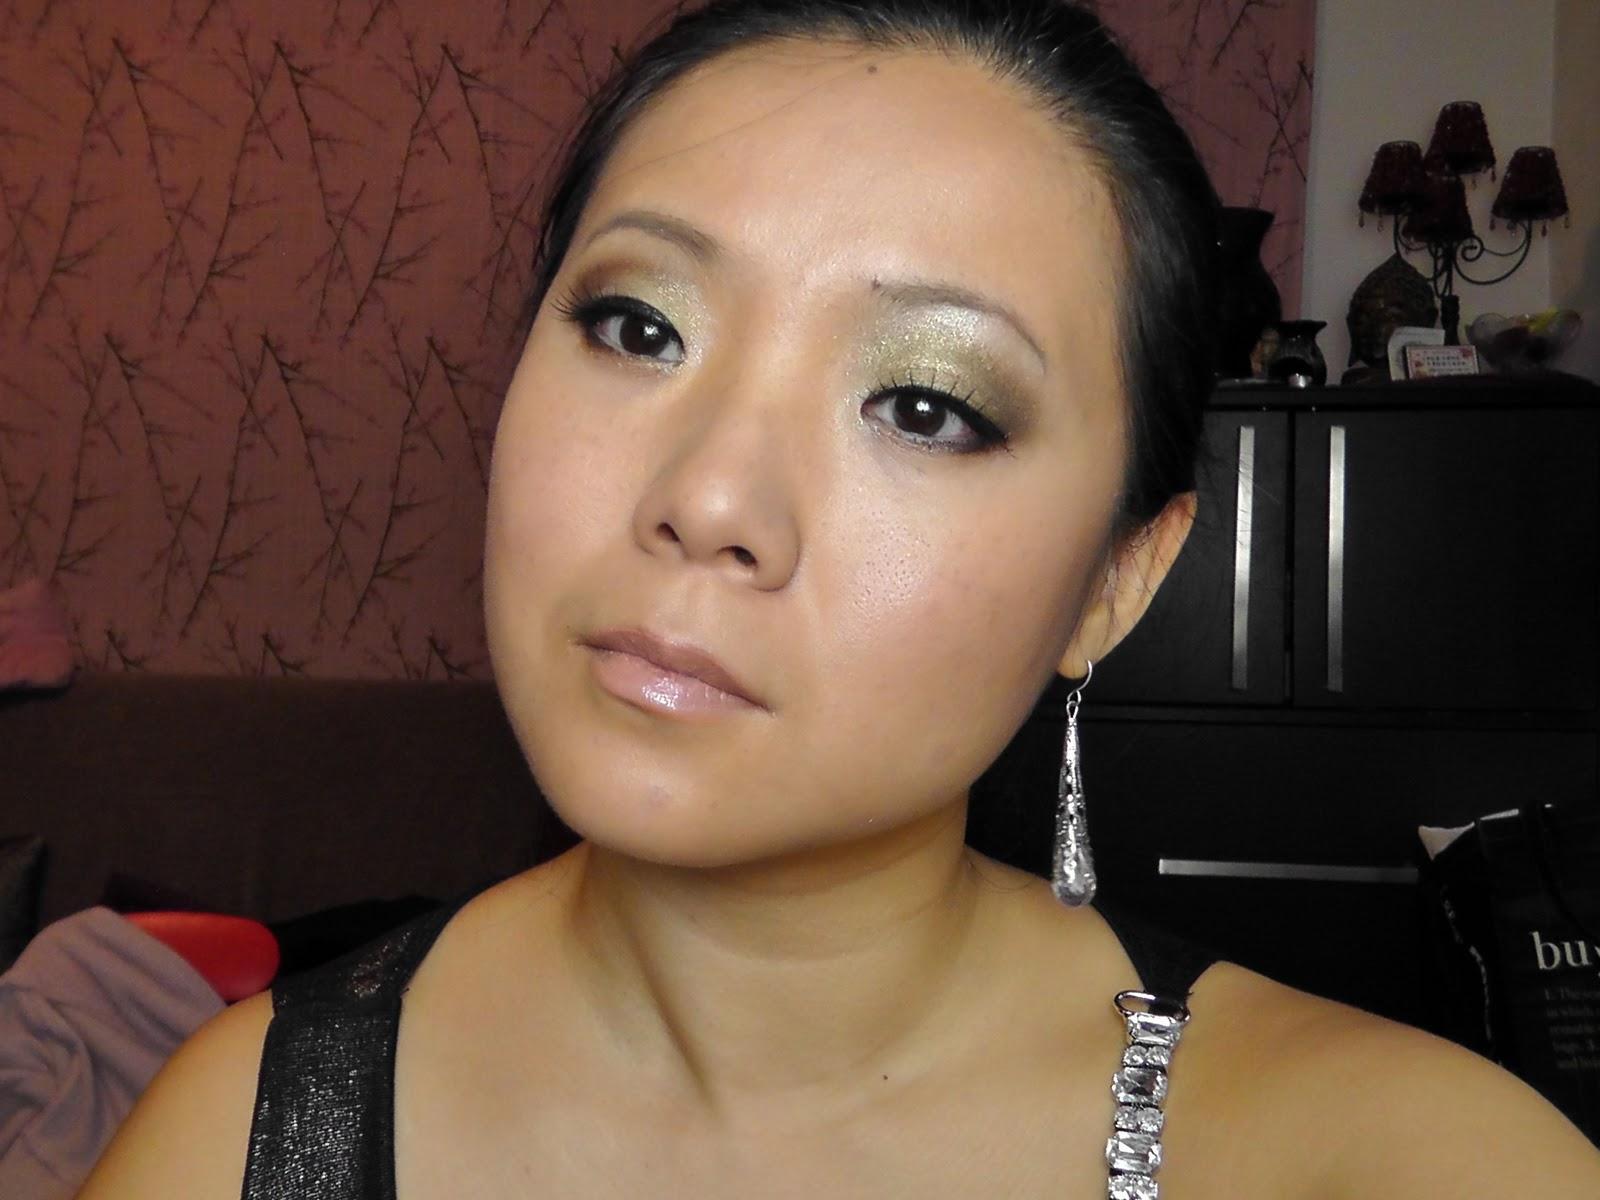 http://2.bp.blogspot.com/-NGRxAuPne5k/TtDdgFOoX-I/AAAAAAAACNc/cDoOHwmmJwc/s1600/S1220051.JPG